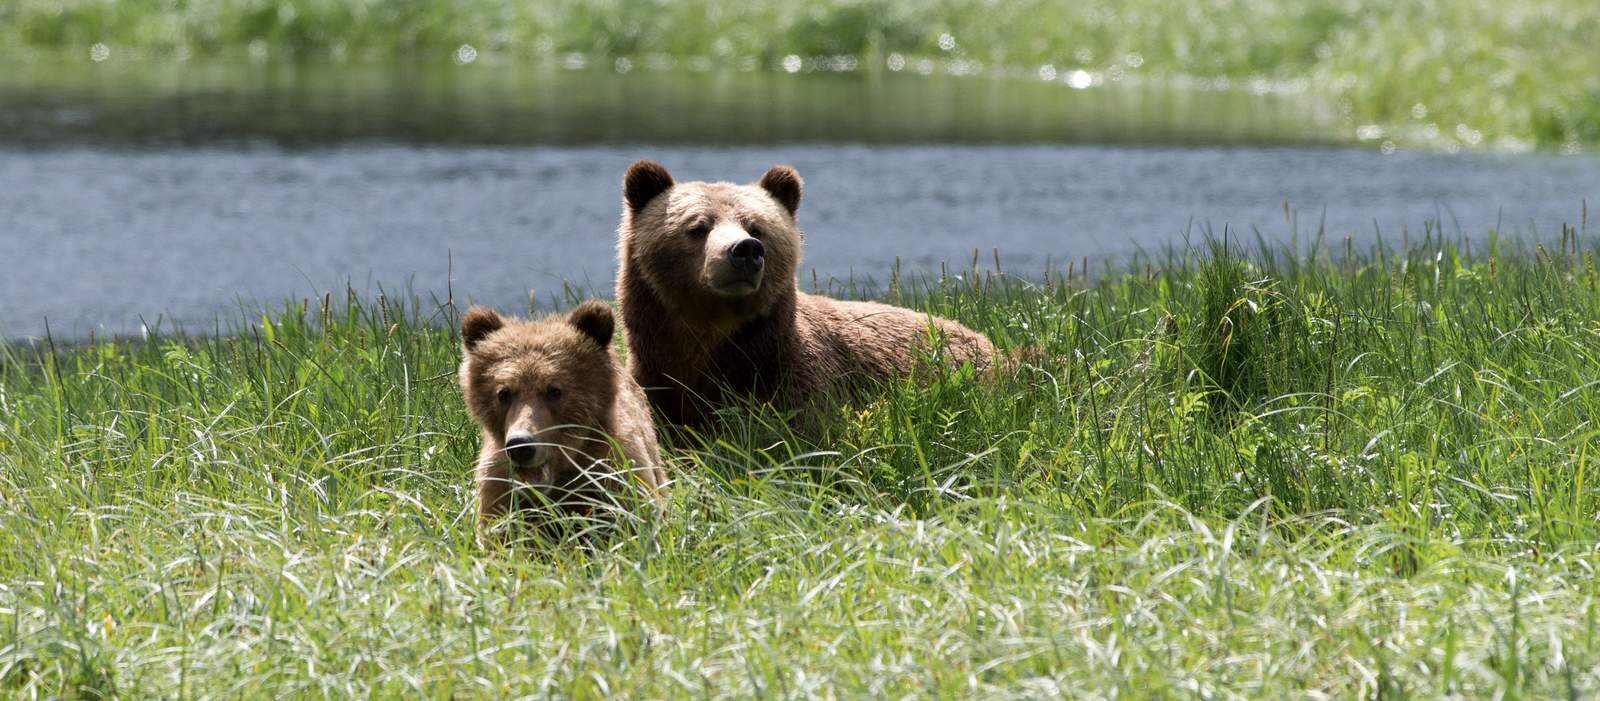 Bärenmutter mit Kind beim Kingfisher Wilderness Adventure